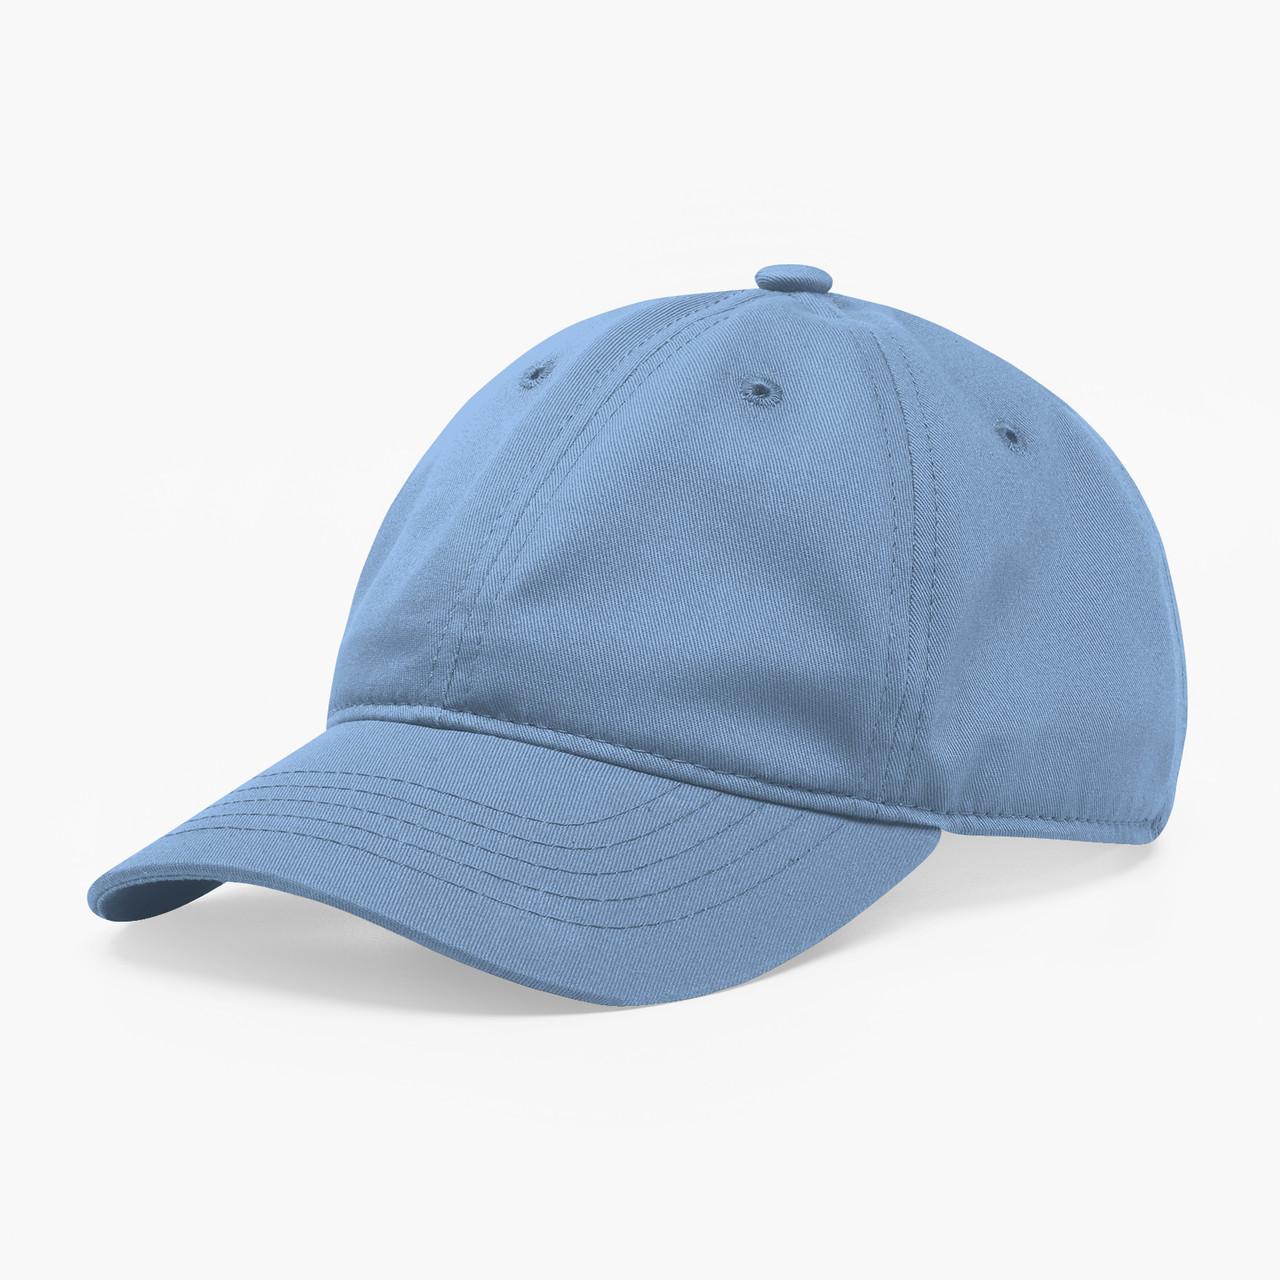 Кепка бейсболка мягкая INAL 6 панелей S / 53-54 RU Синий 97453